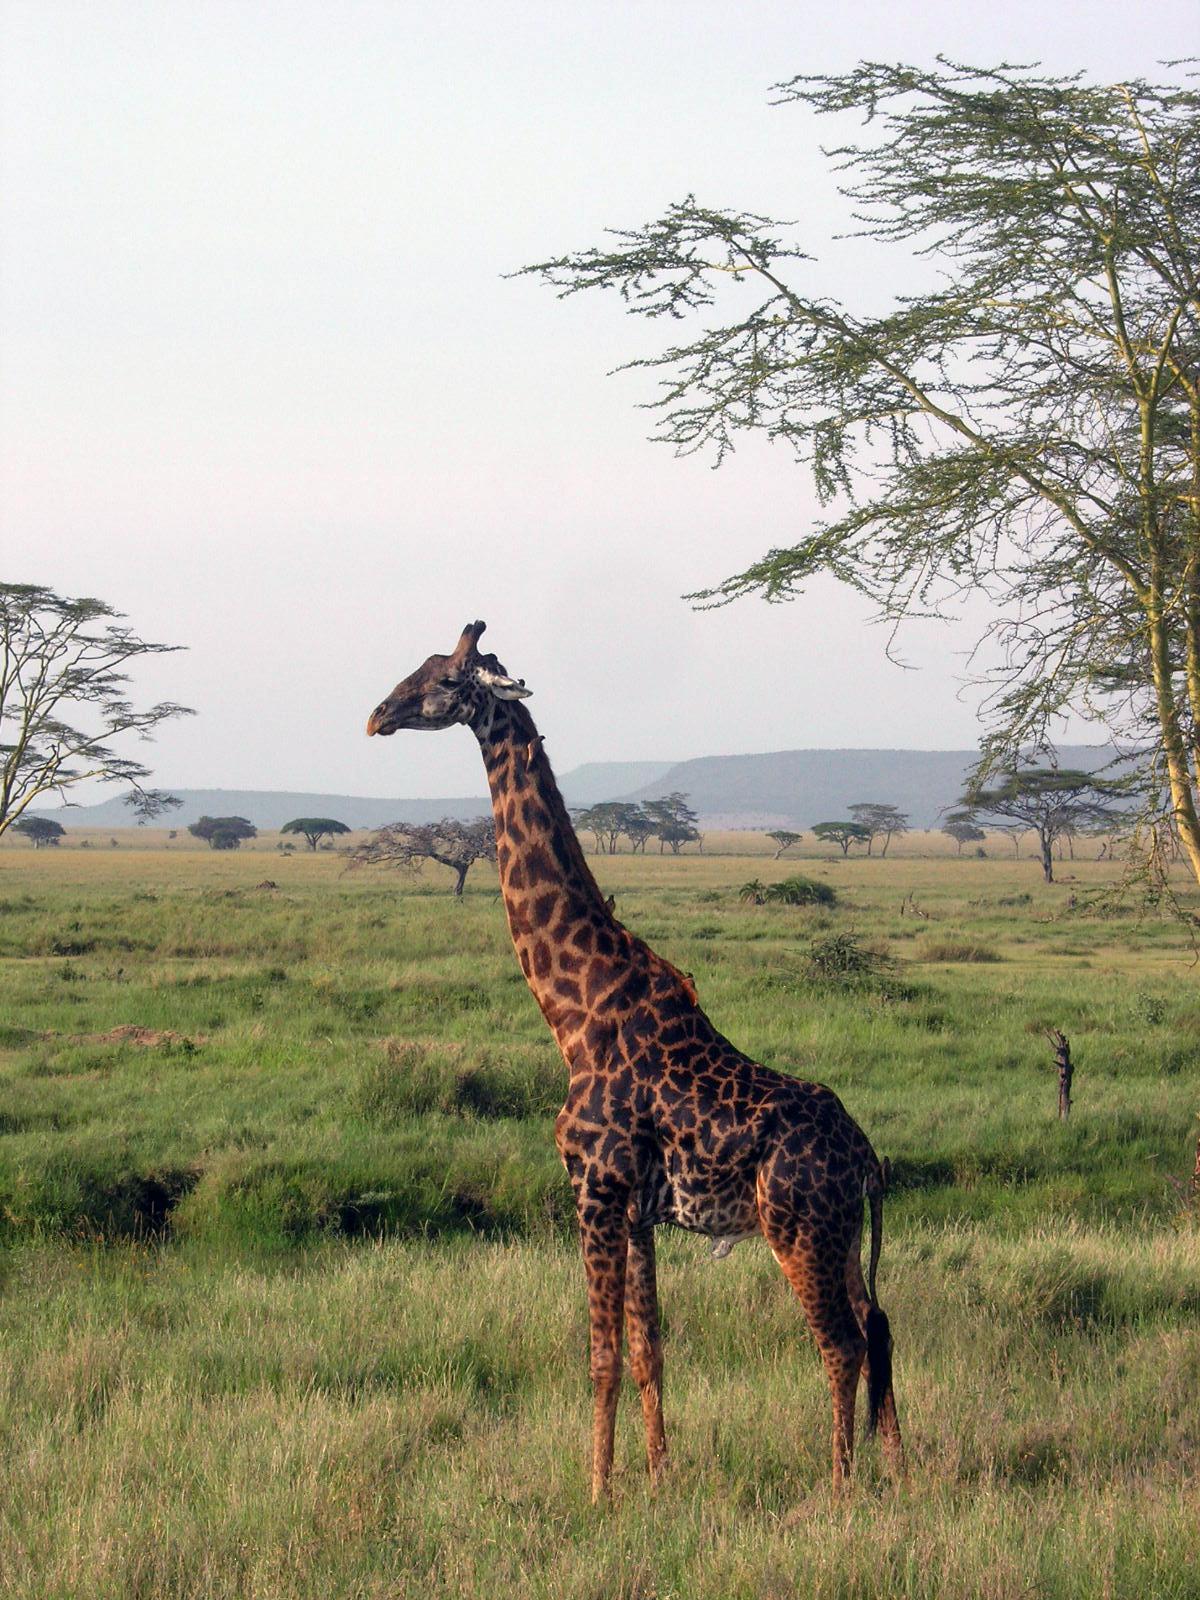 Giraffe with oxpeckers. Serengeti National Park, Tanzania, 2008.